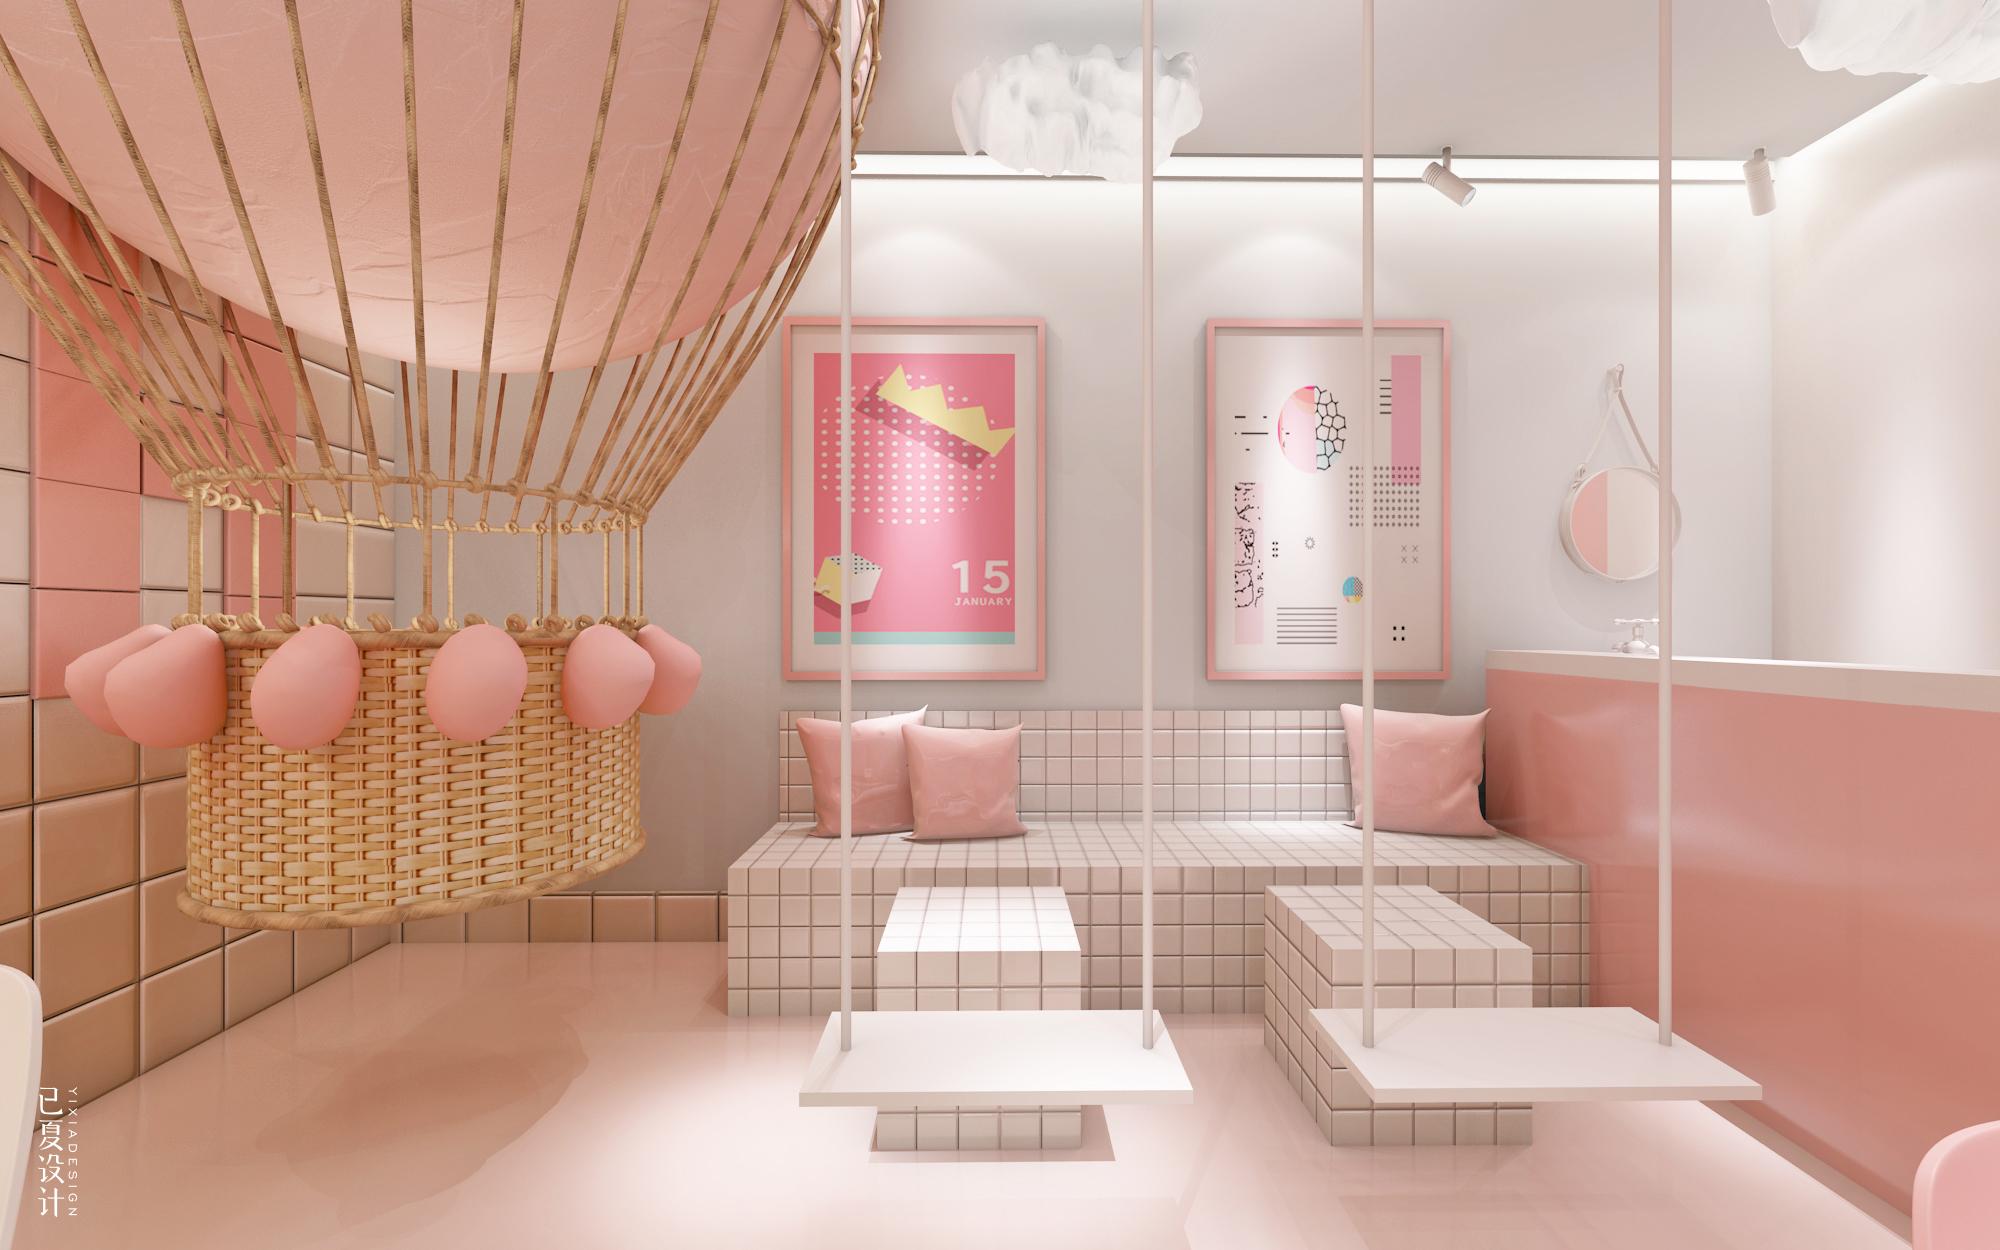 装修设计店面铺商场设计风餐饮室内饮品装修设计ins性冷淡网红